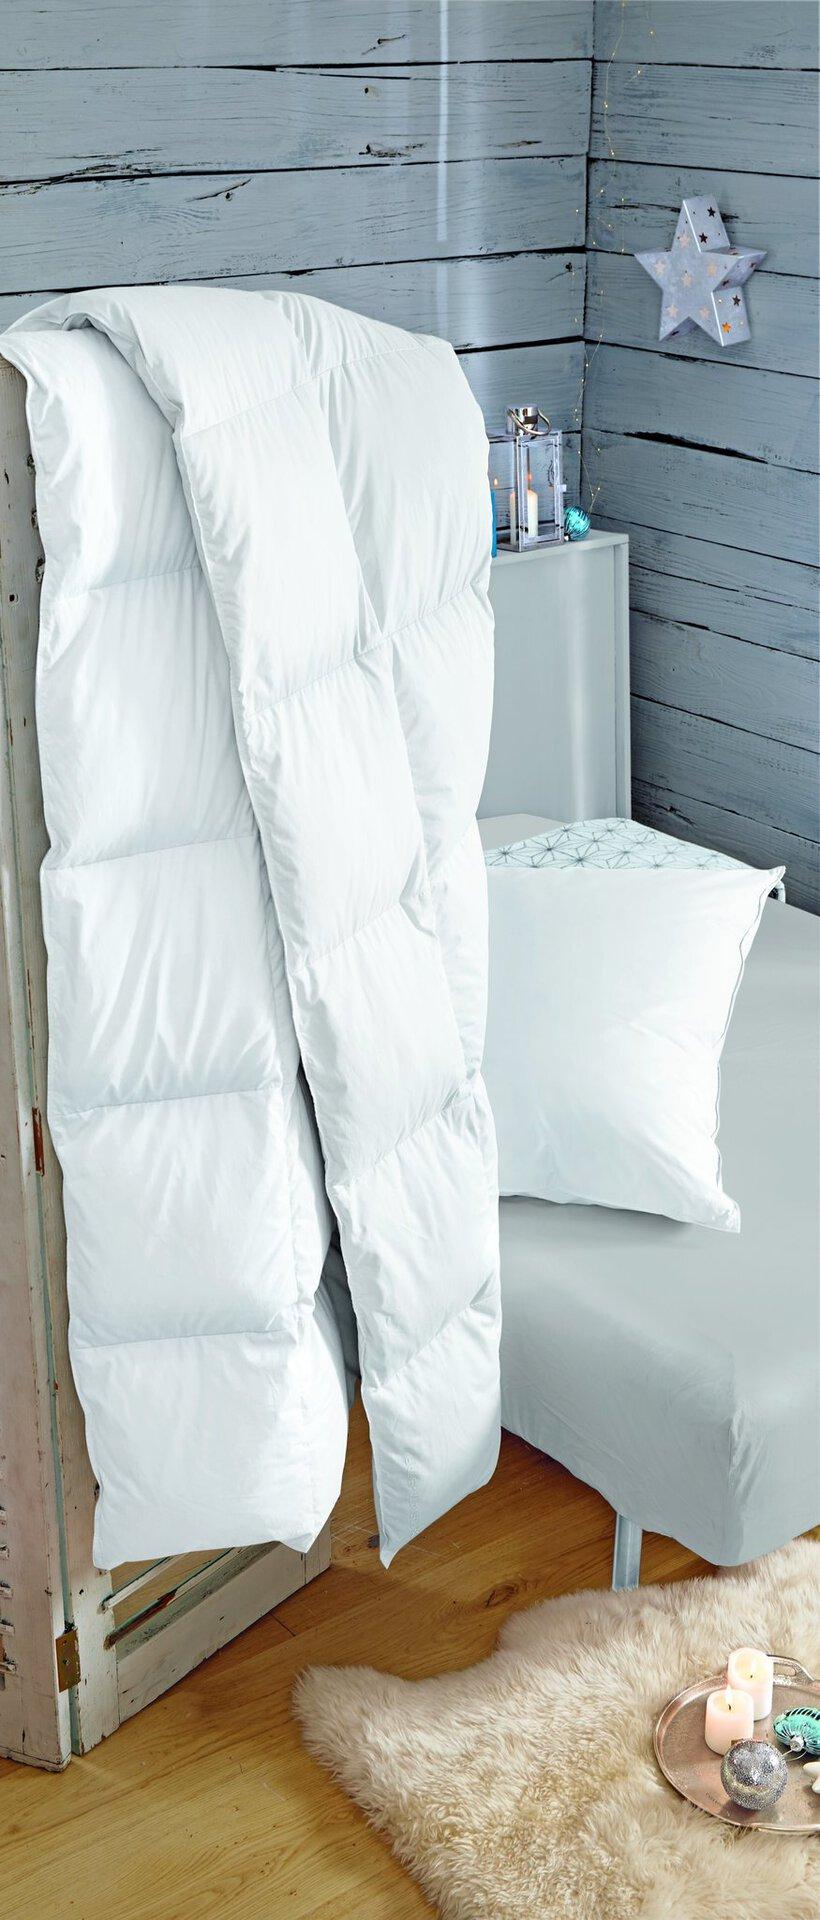 Kopfkissen GOLF VON ALASKA medium Centa-Star extra Textil weiß 80 x 80 cm